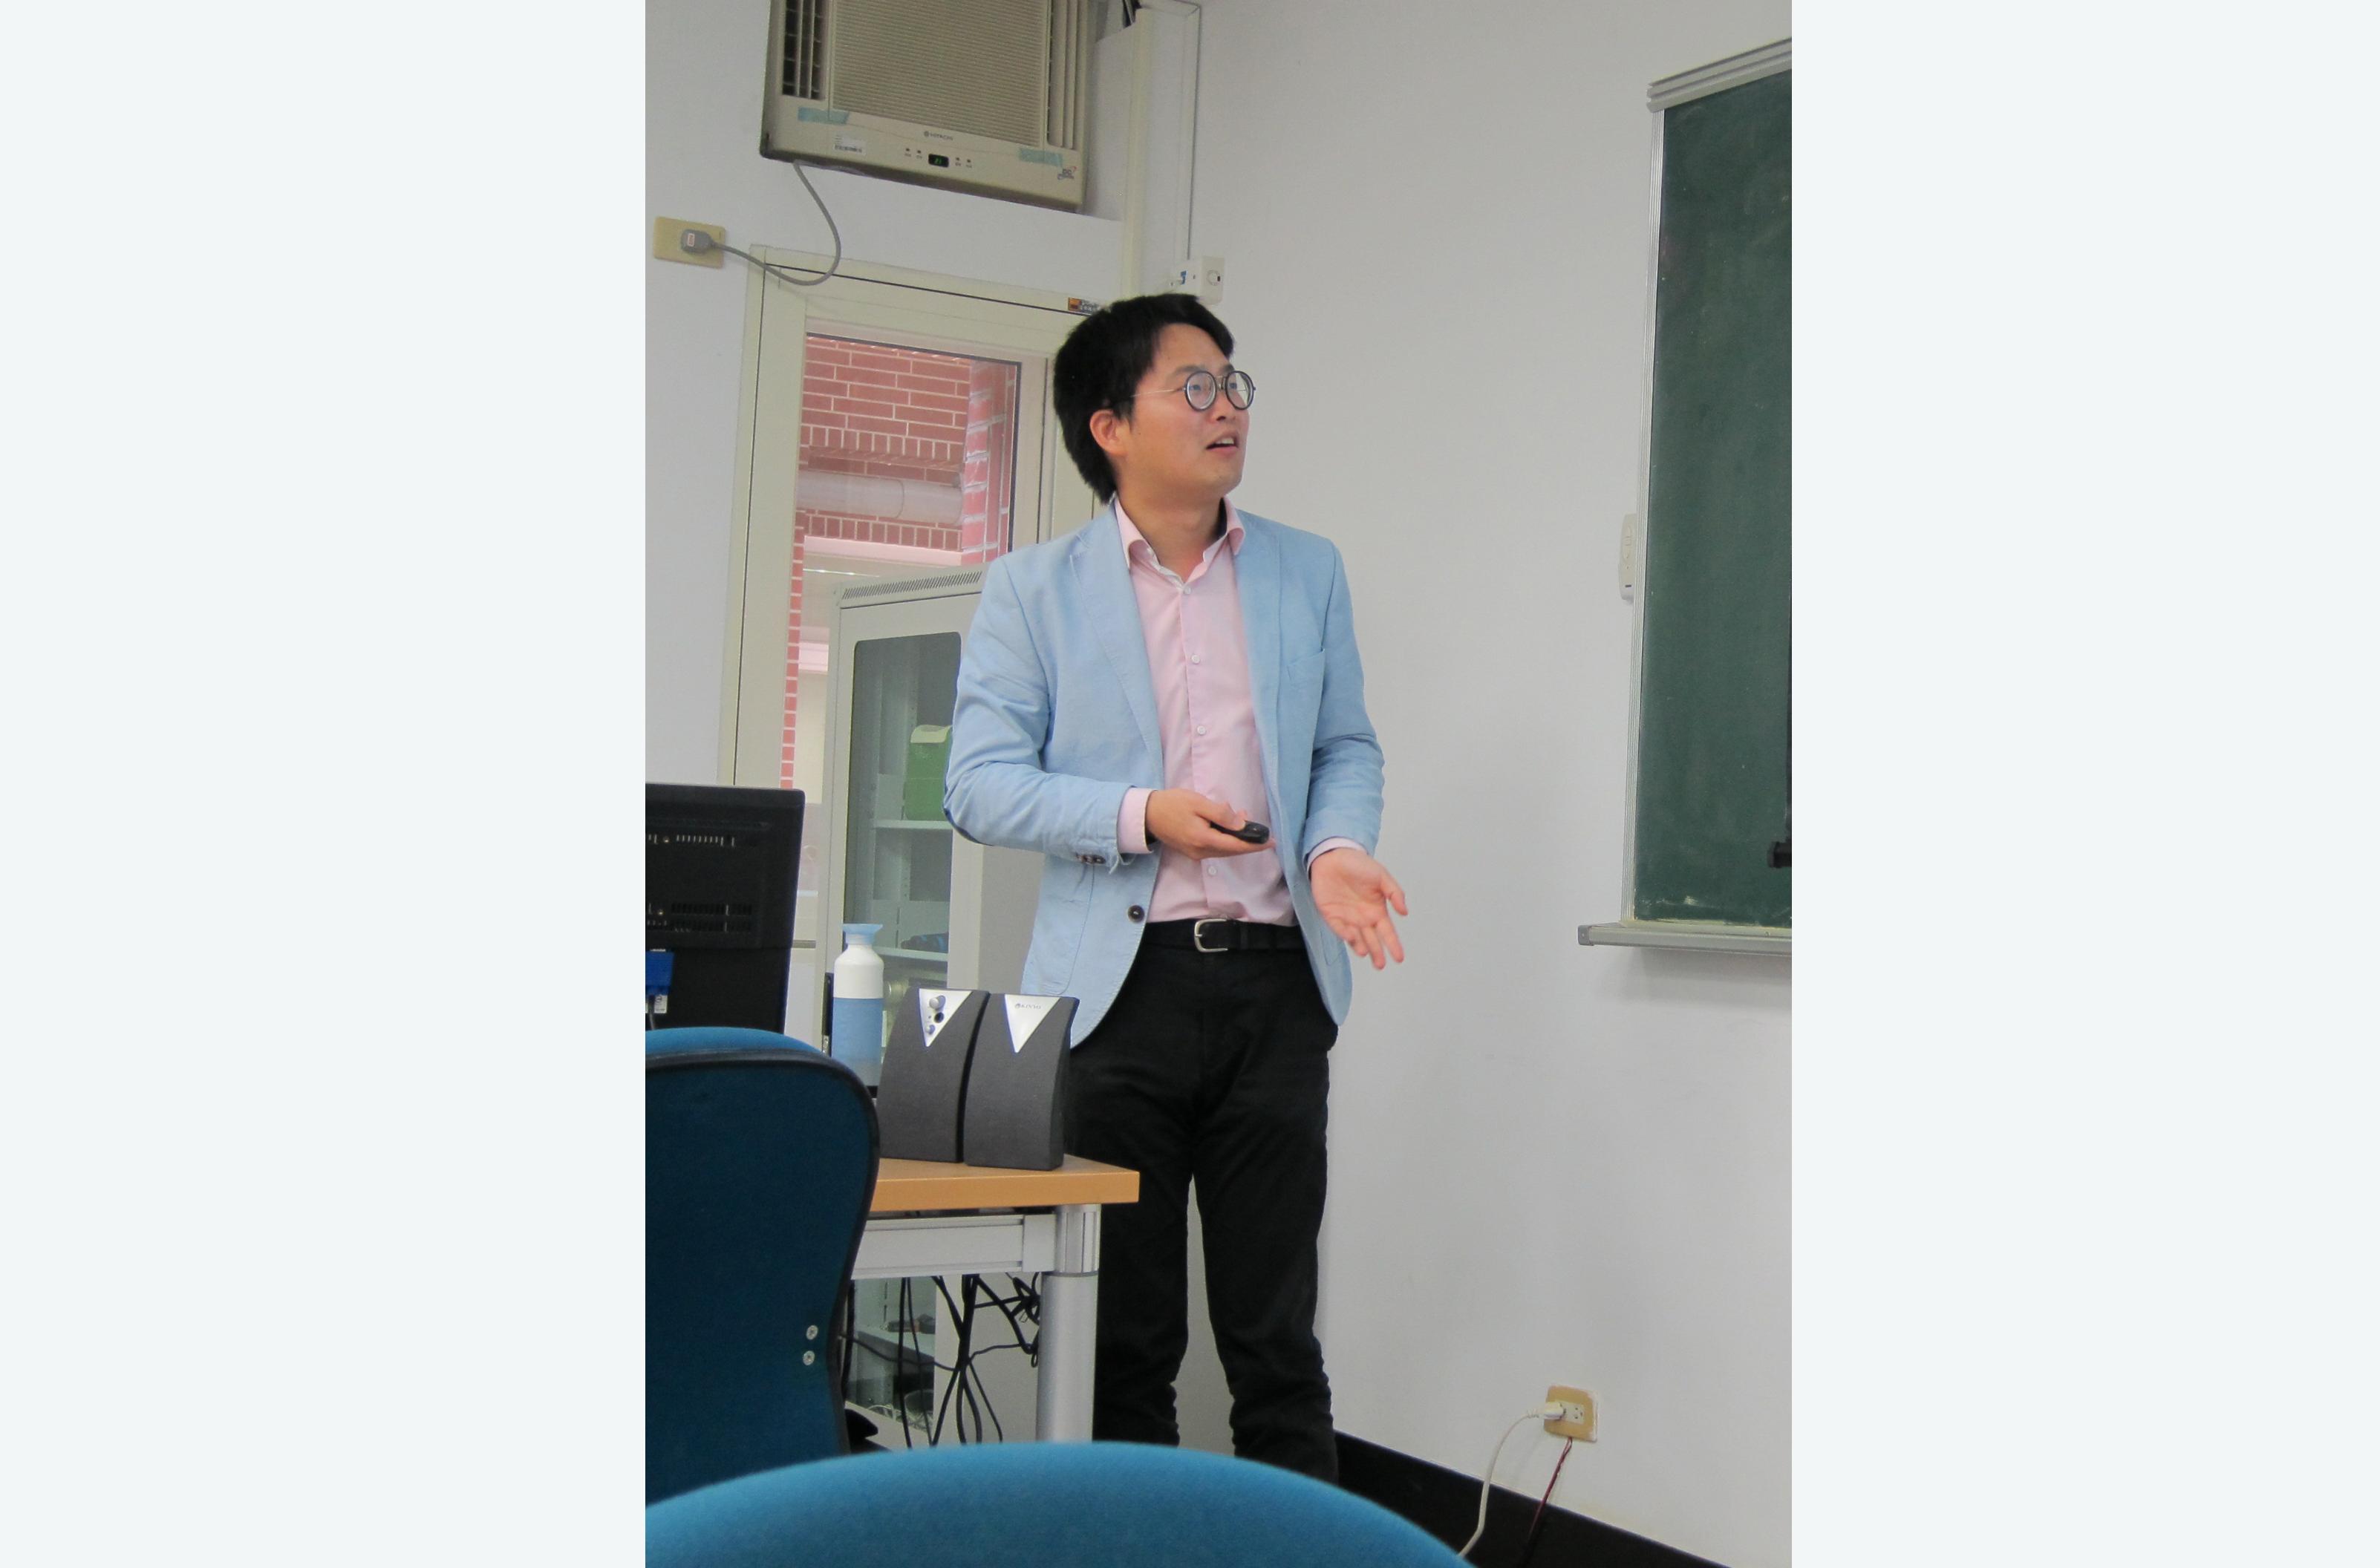 徐冠勉先生演講「廈門網絡之後、廣州體系之外:潮州聯號會館組織在清代海洋貿易中的興起(1700-1800)」紀要